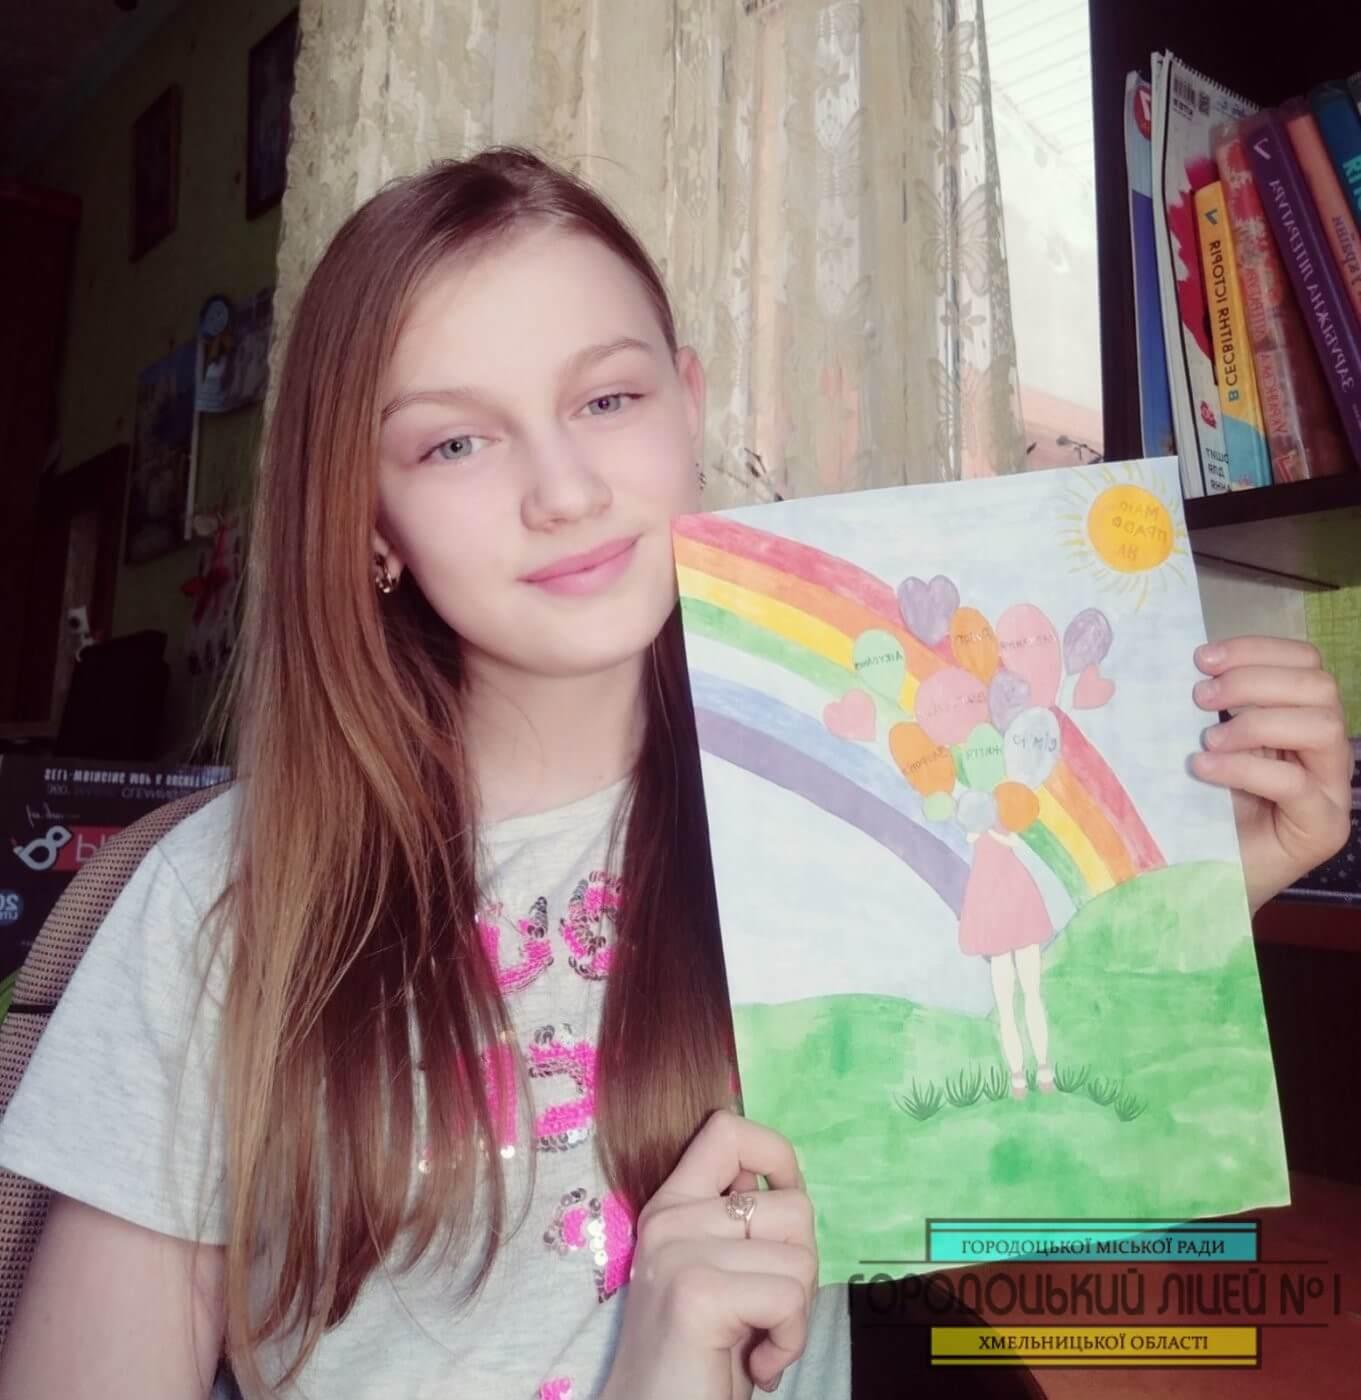 yzobrazhenye viber 2020 05 21 19 24 04 1361x1400 - Всеукраїнський конкурс шкільних малюнків «Мої права»